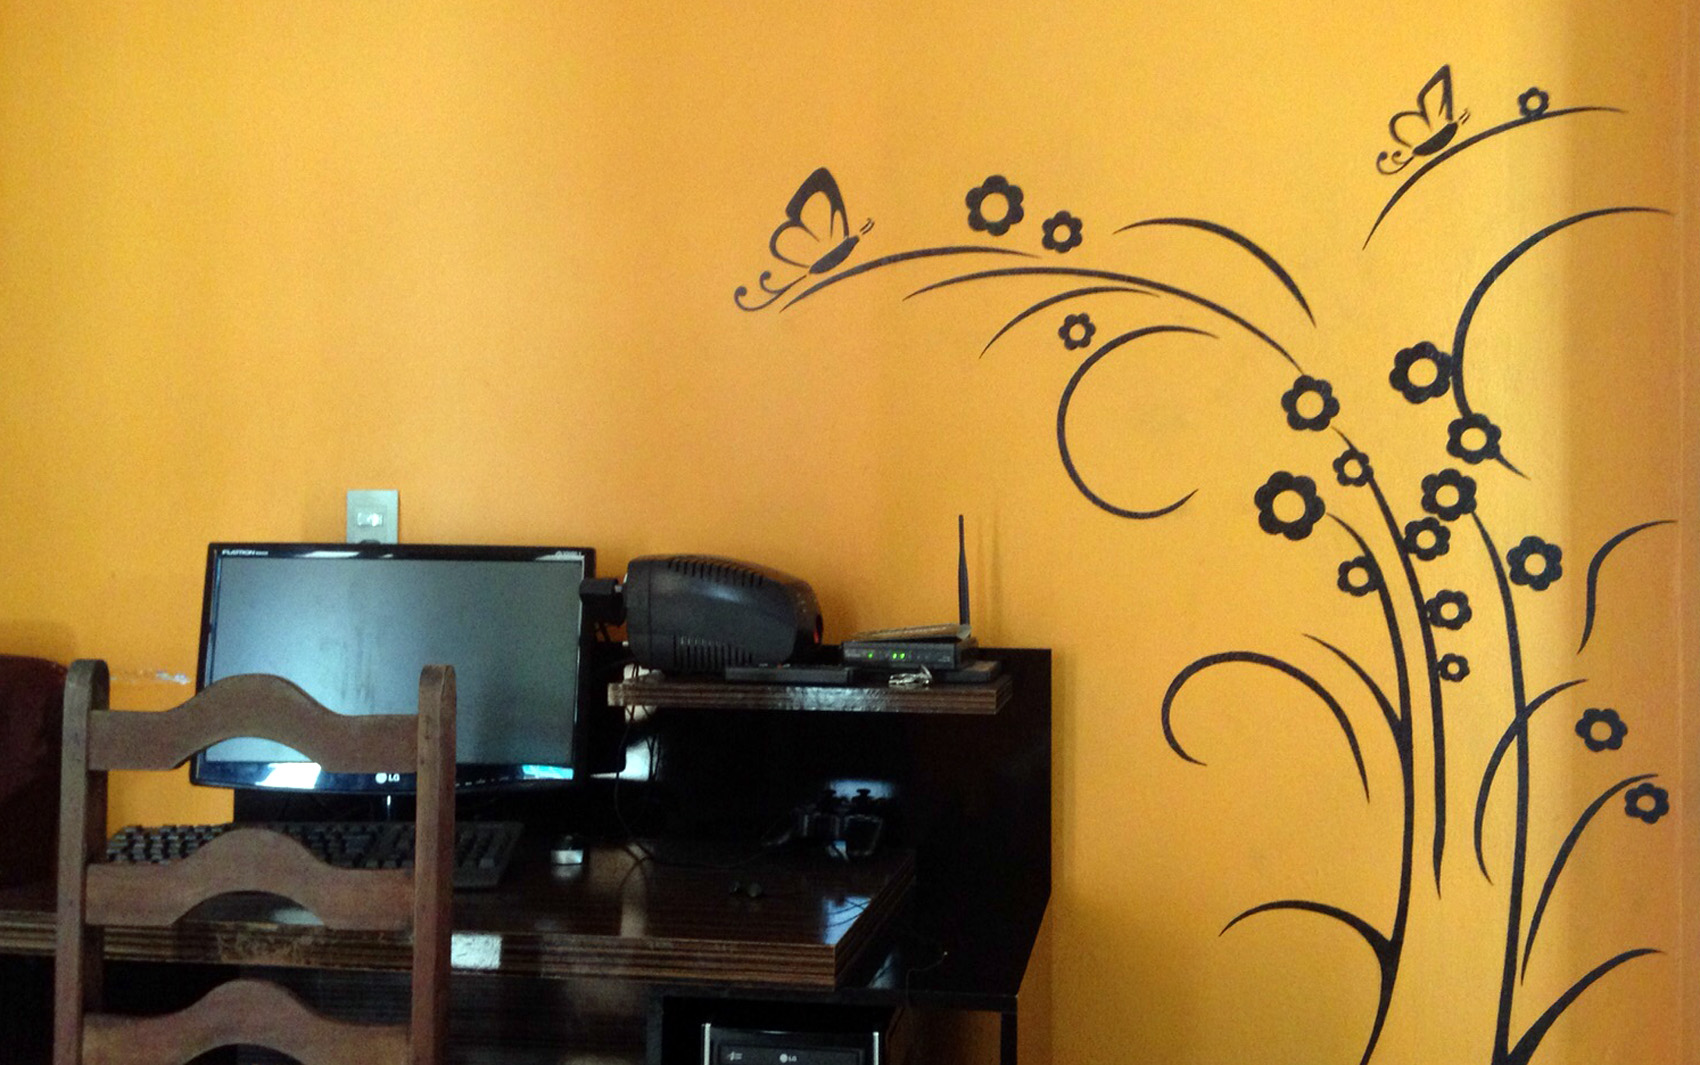 Felício Eduardo decorou a própria parede com tinta e lápis